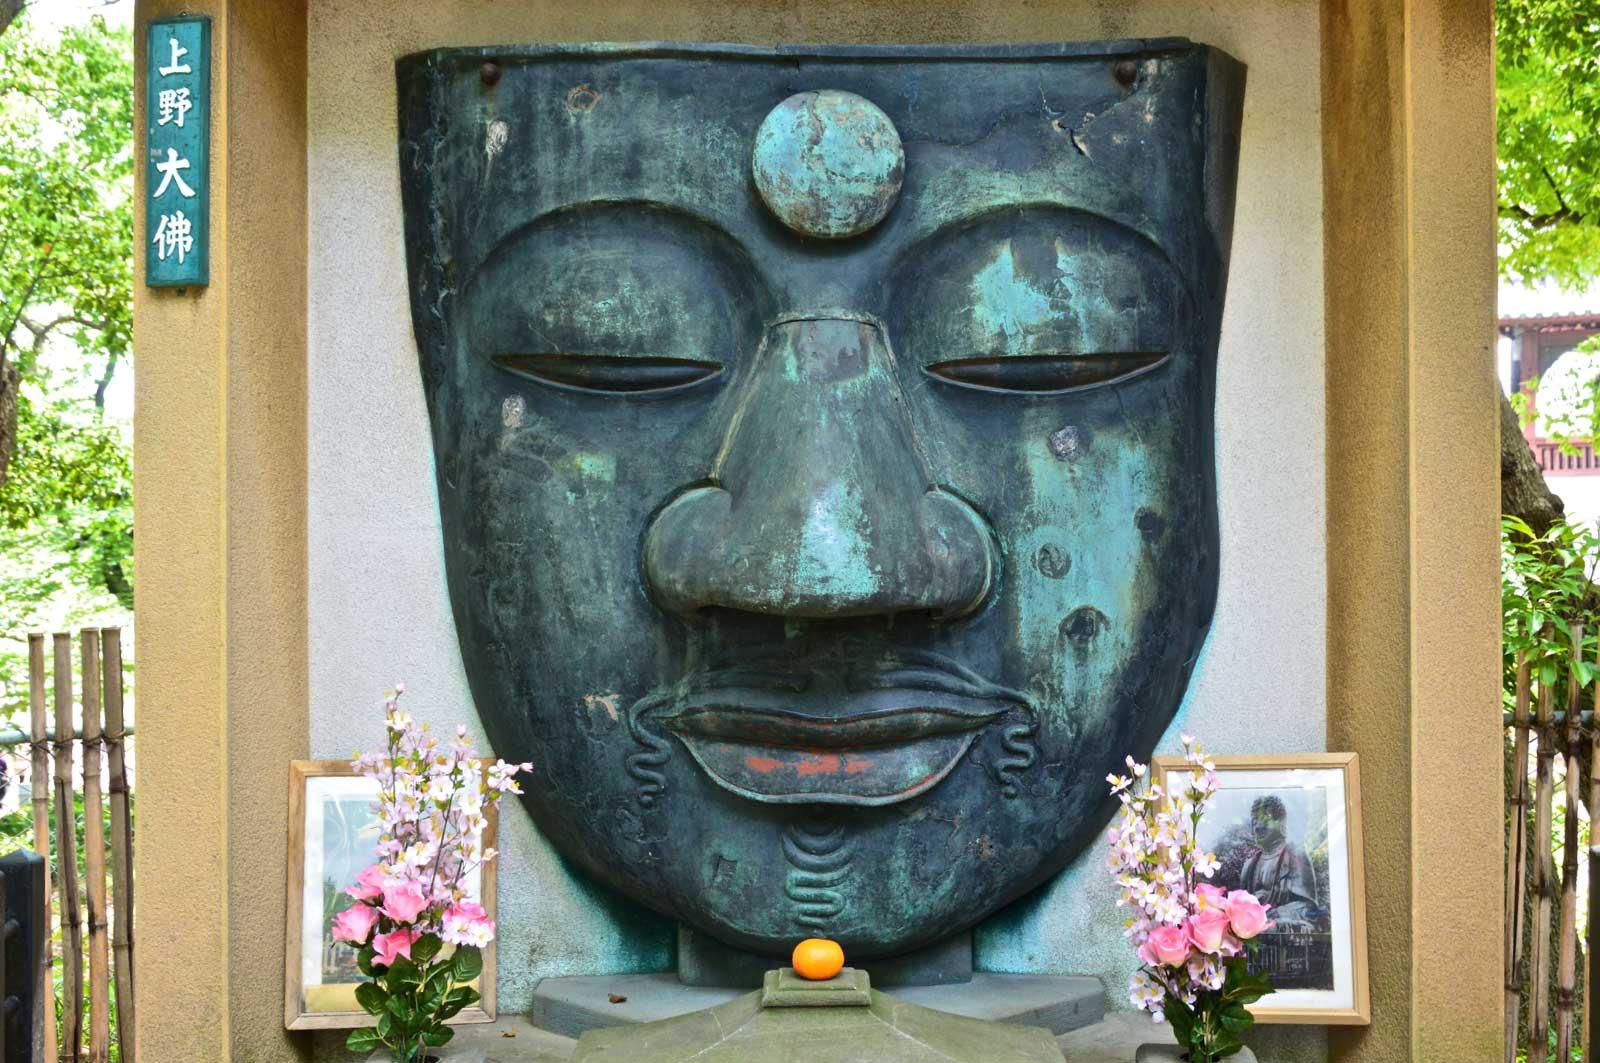 上野大仏の顔